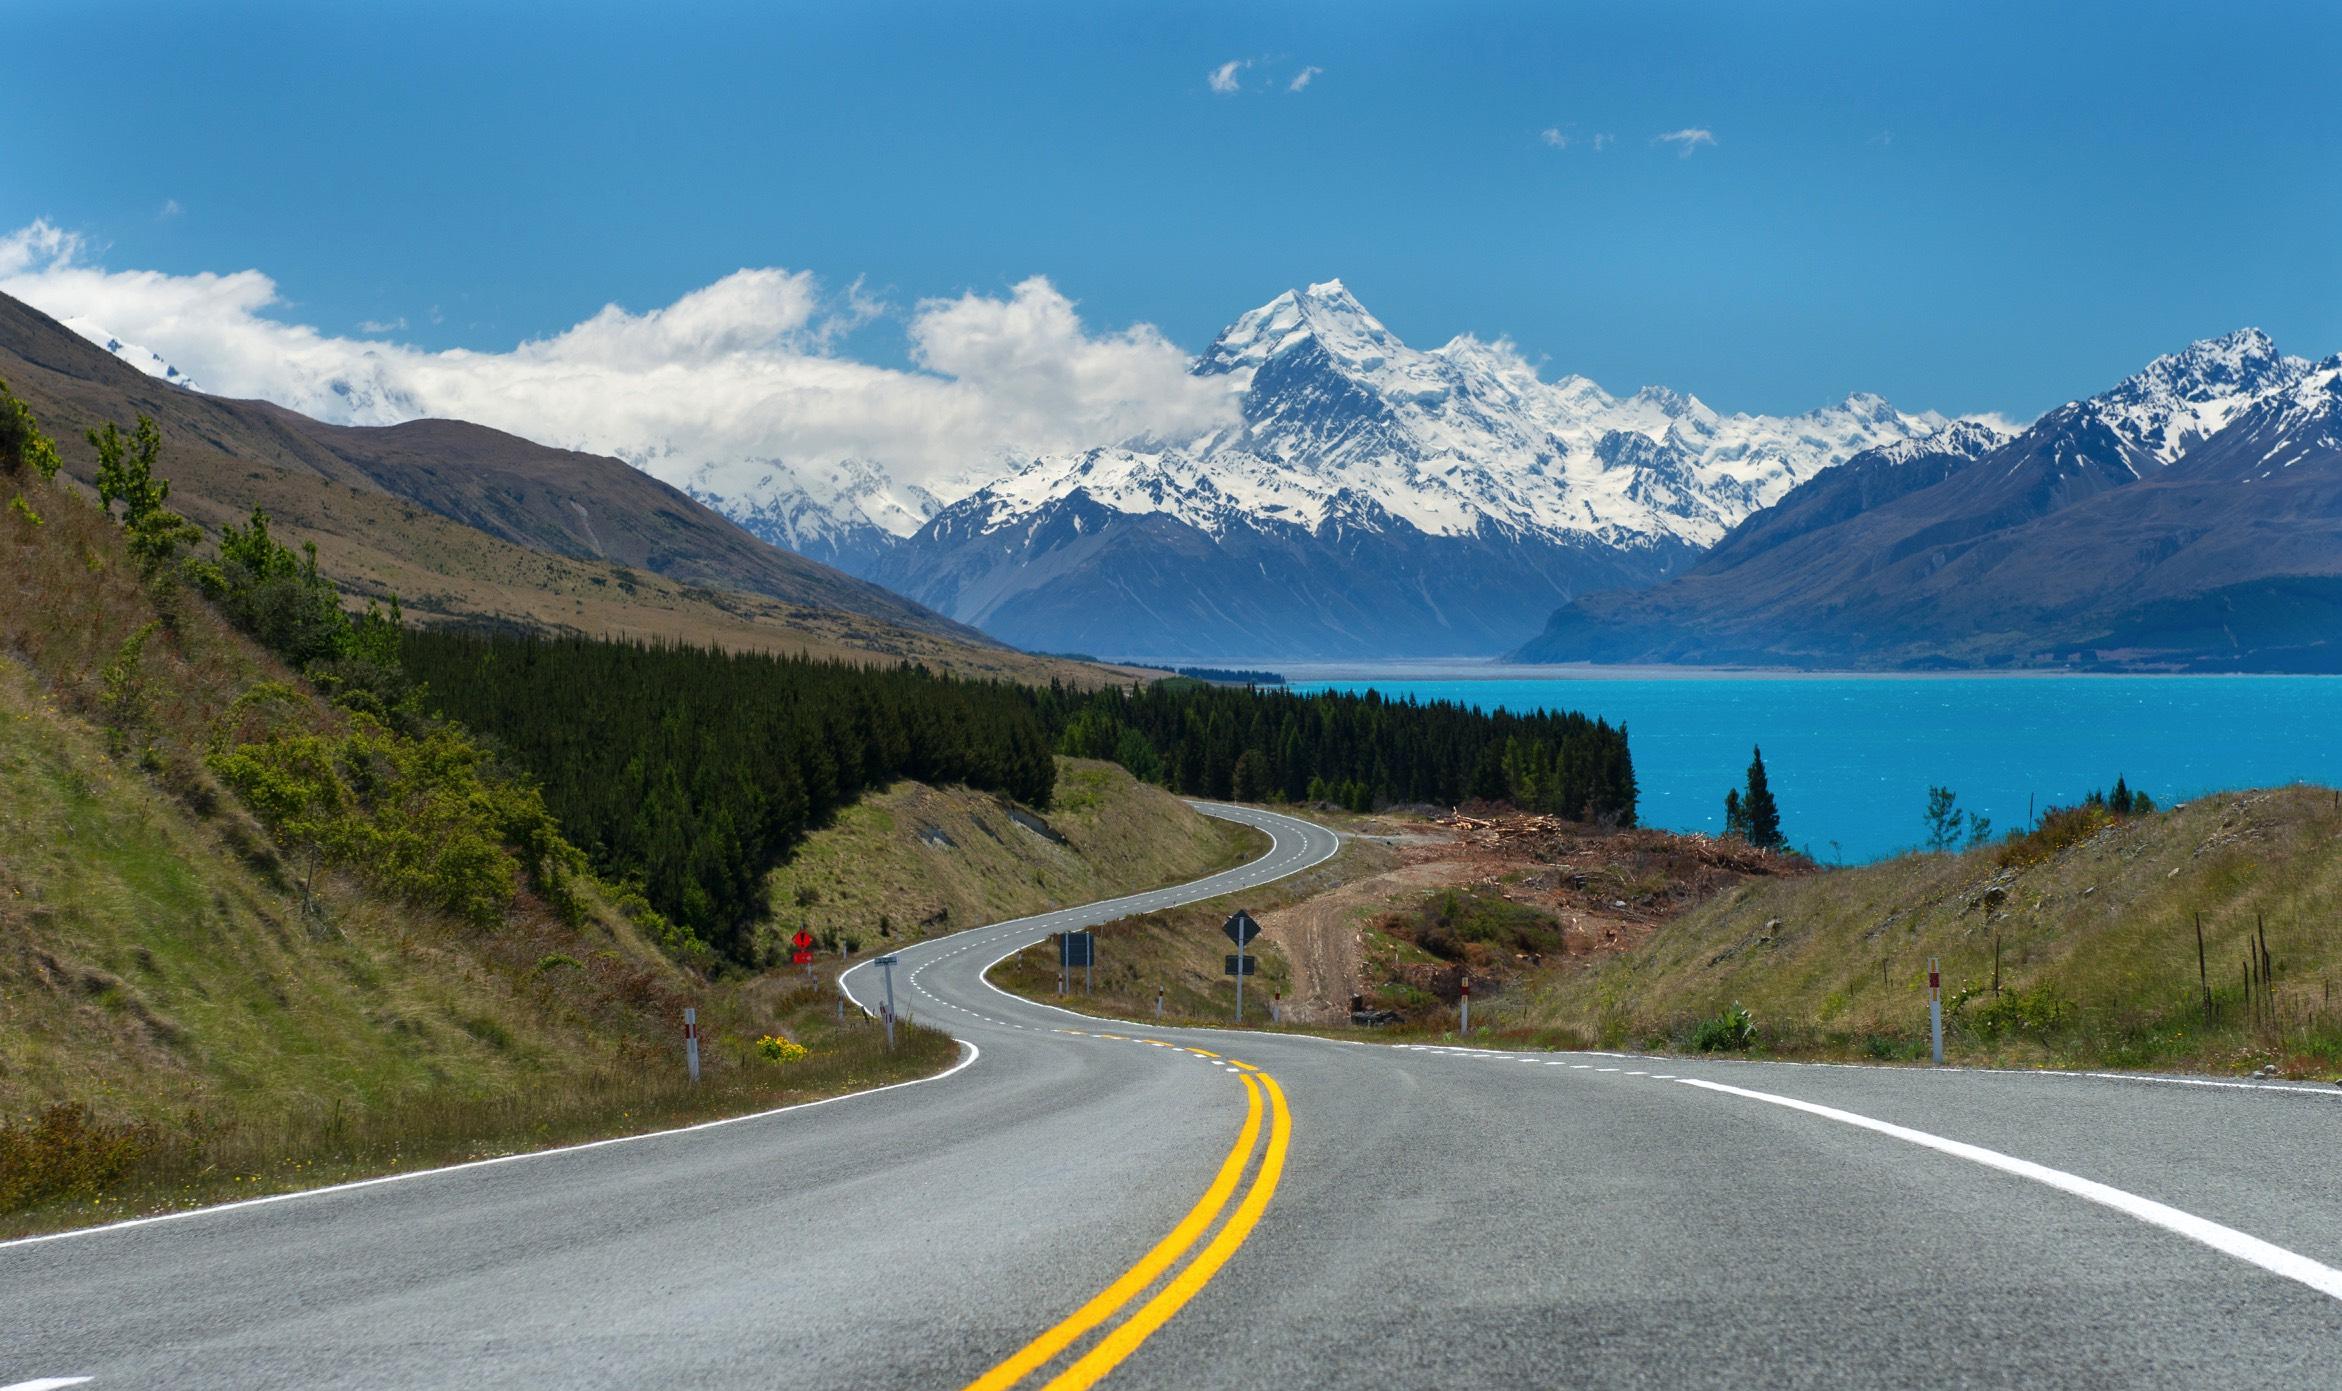 voyage nouvelle zelande road trip